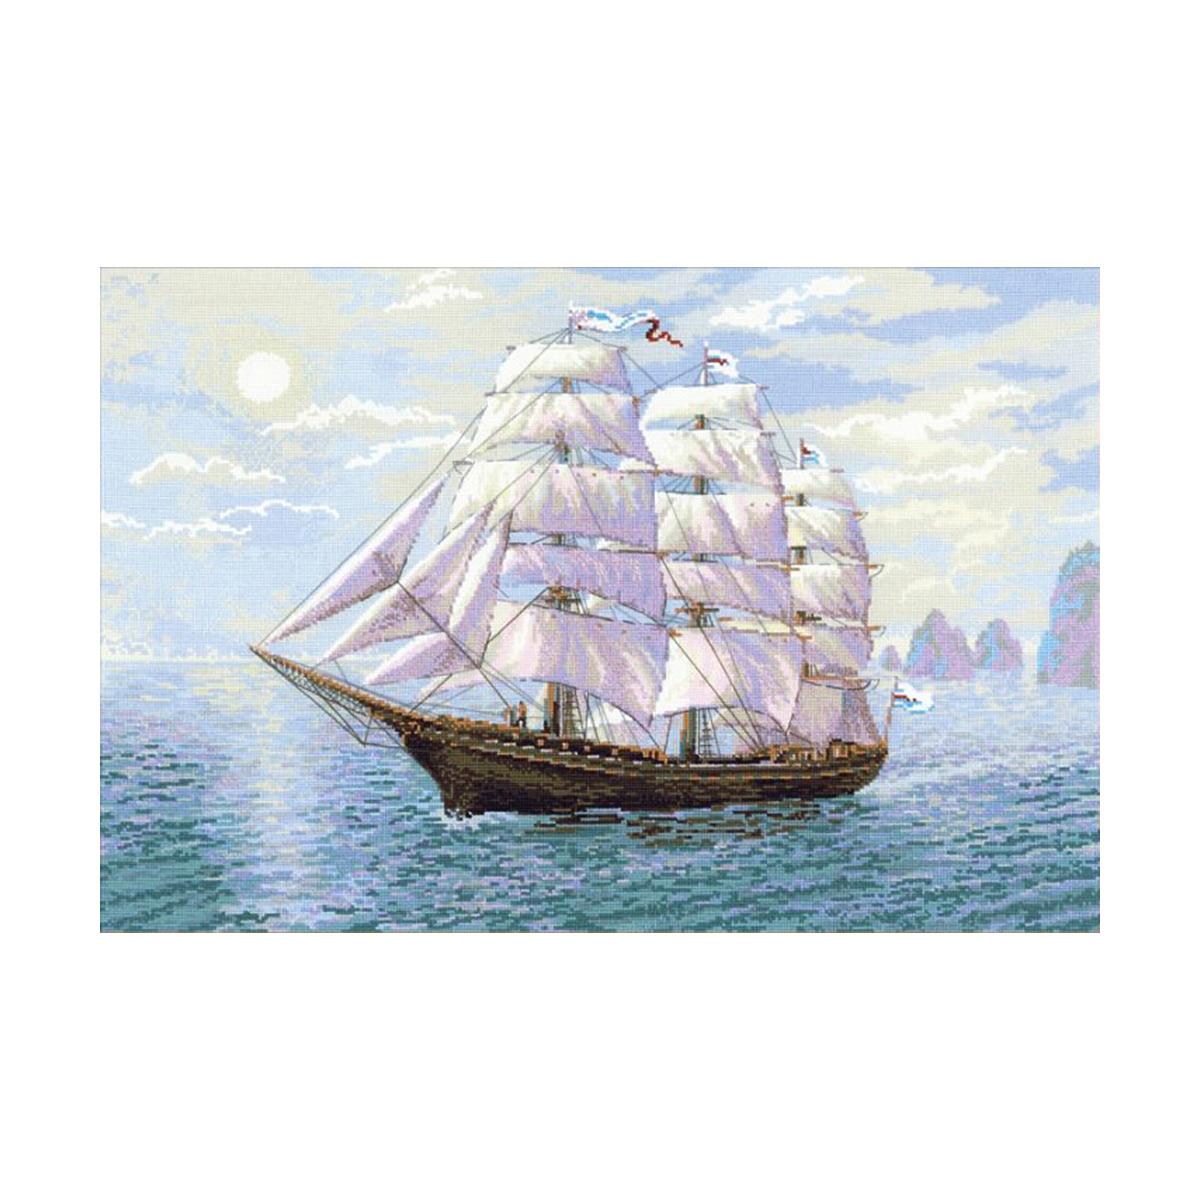 1356 Набор для вышивания Riolis 'Попутный ветер', 60*40 см